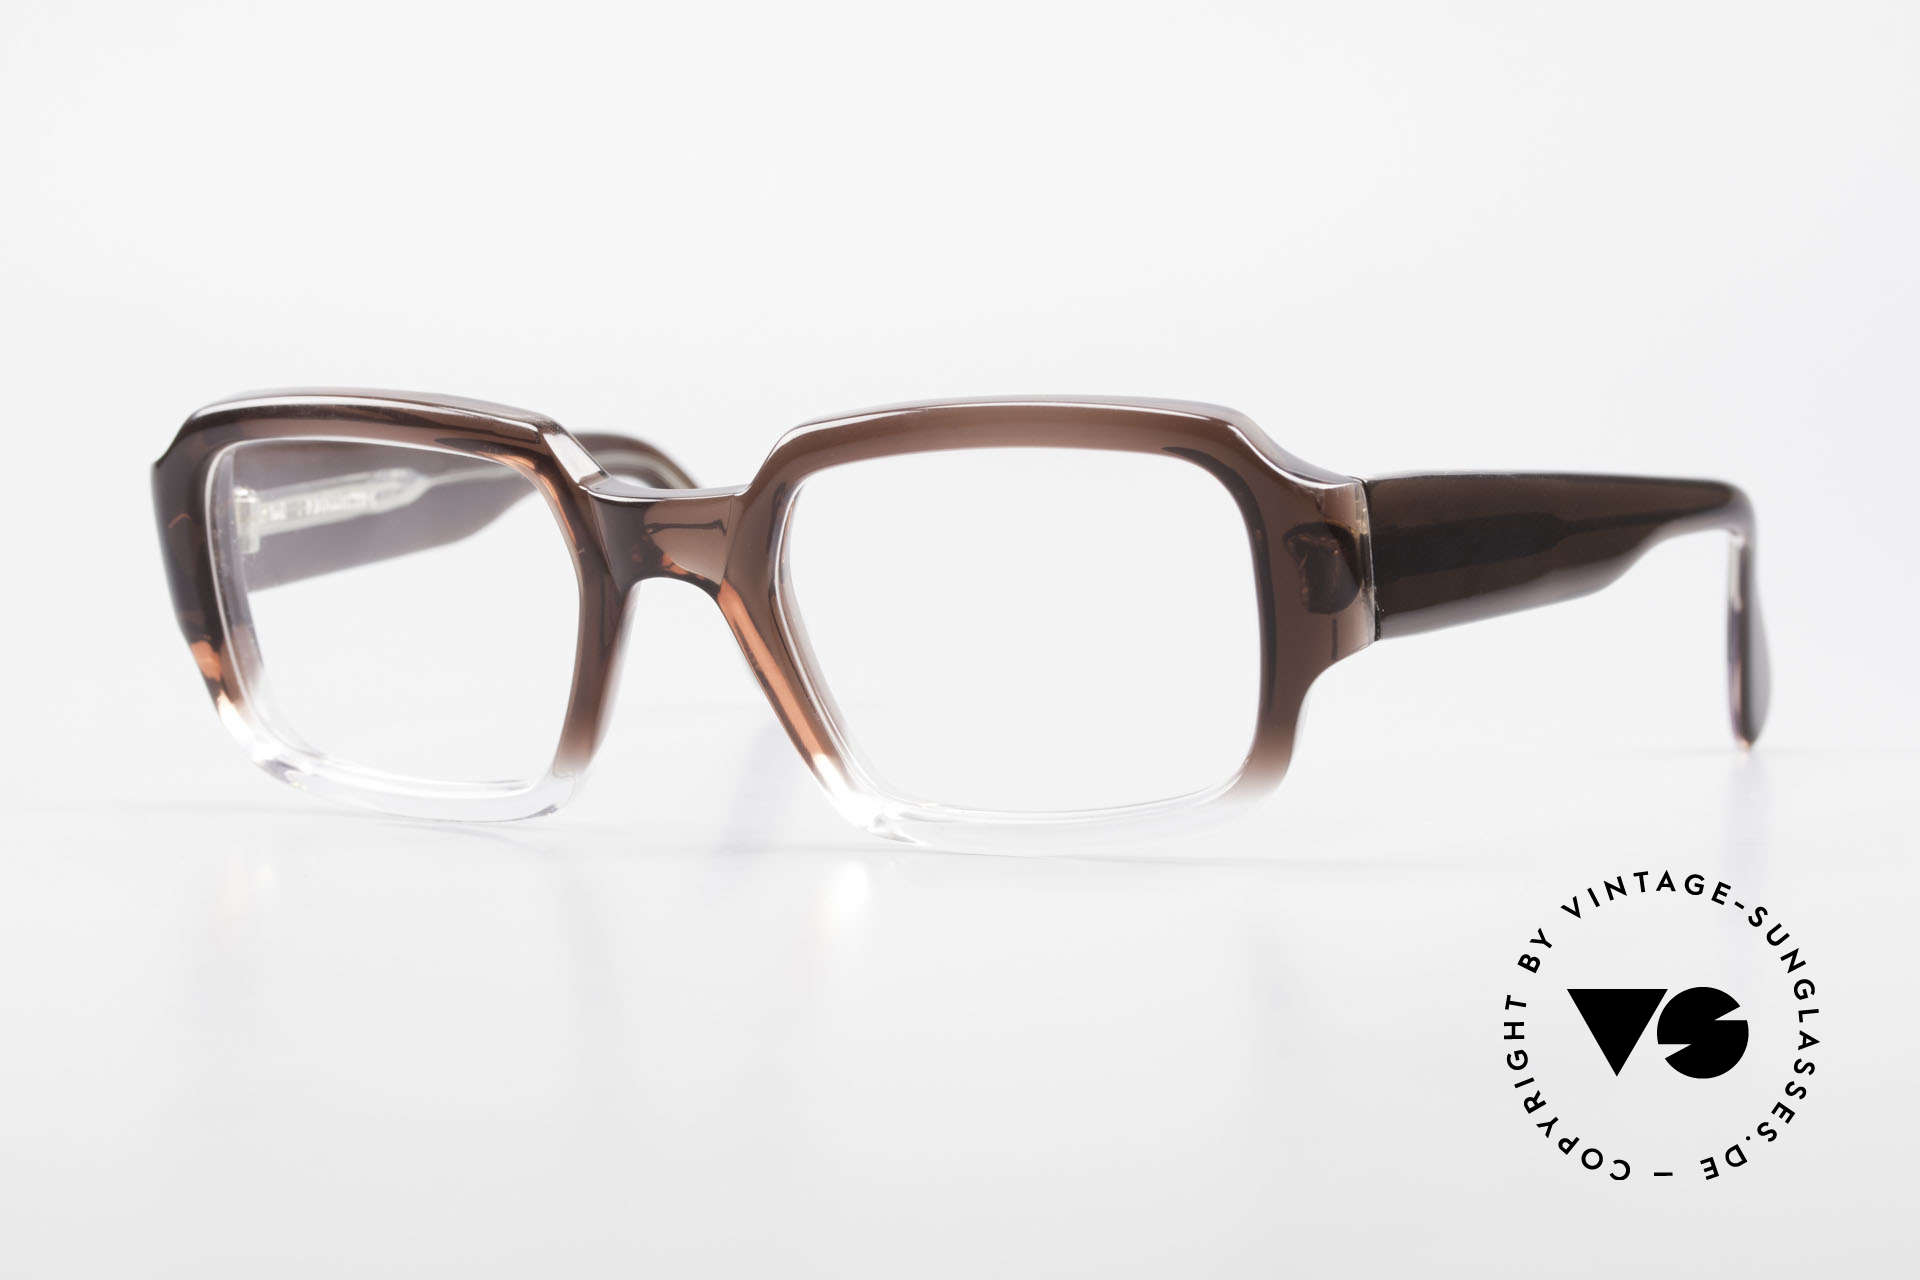 Metzler 4005 Alte Original Marwitz Brille, Modell-Bezeichung: Marwitz 4005, 95, 62-22, 140, Passend für Herren